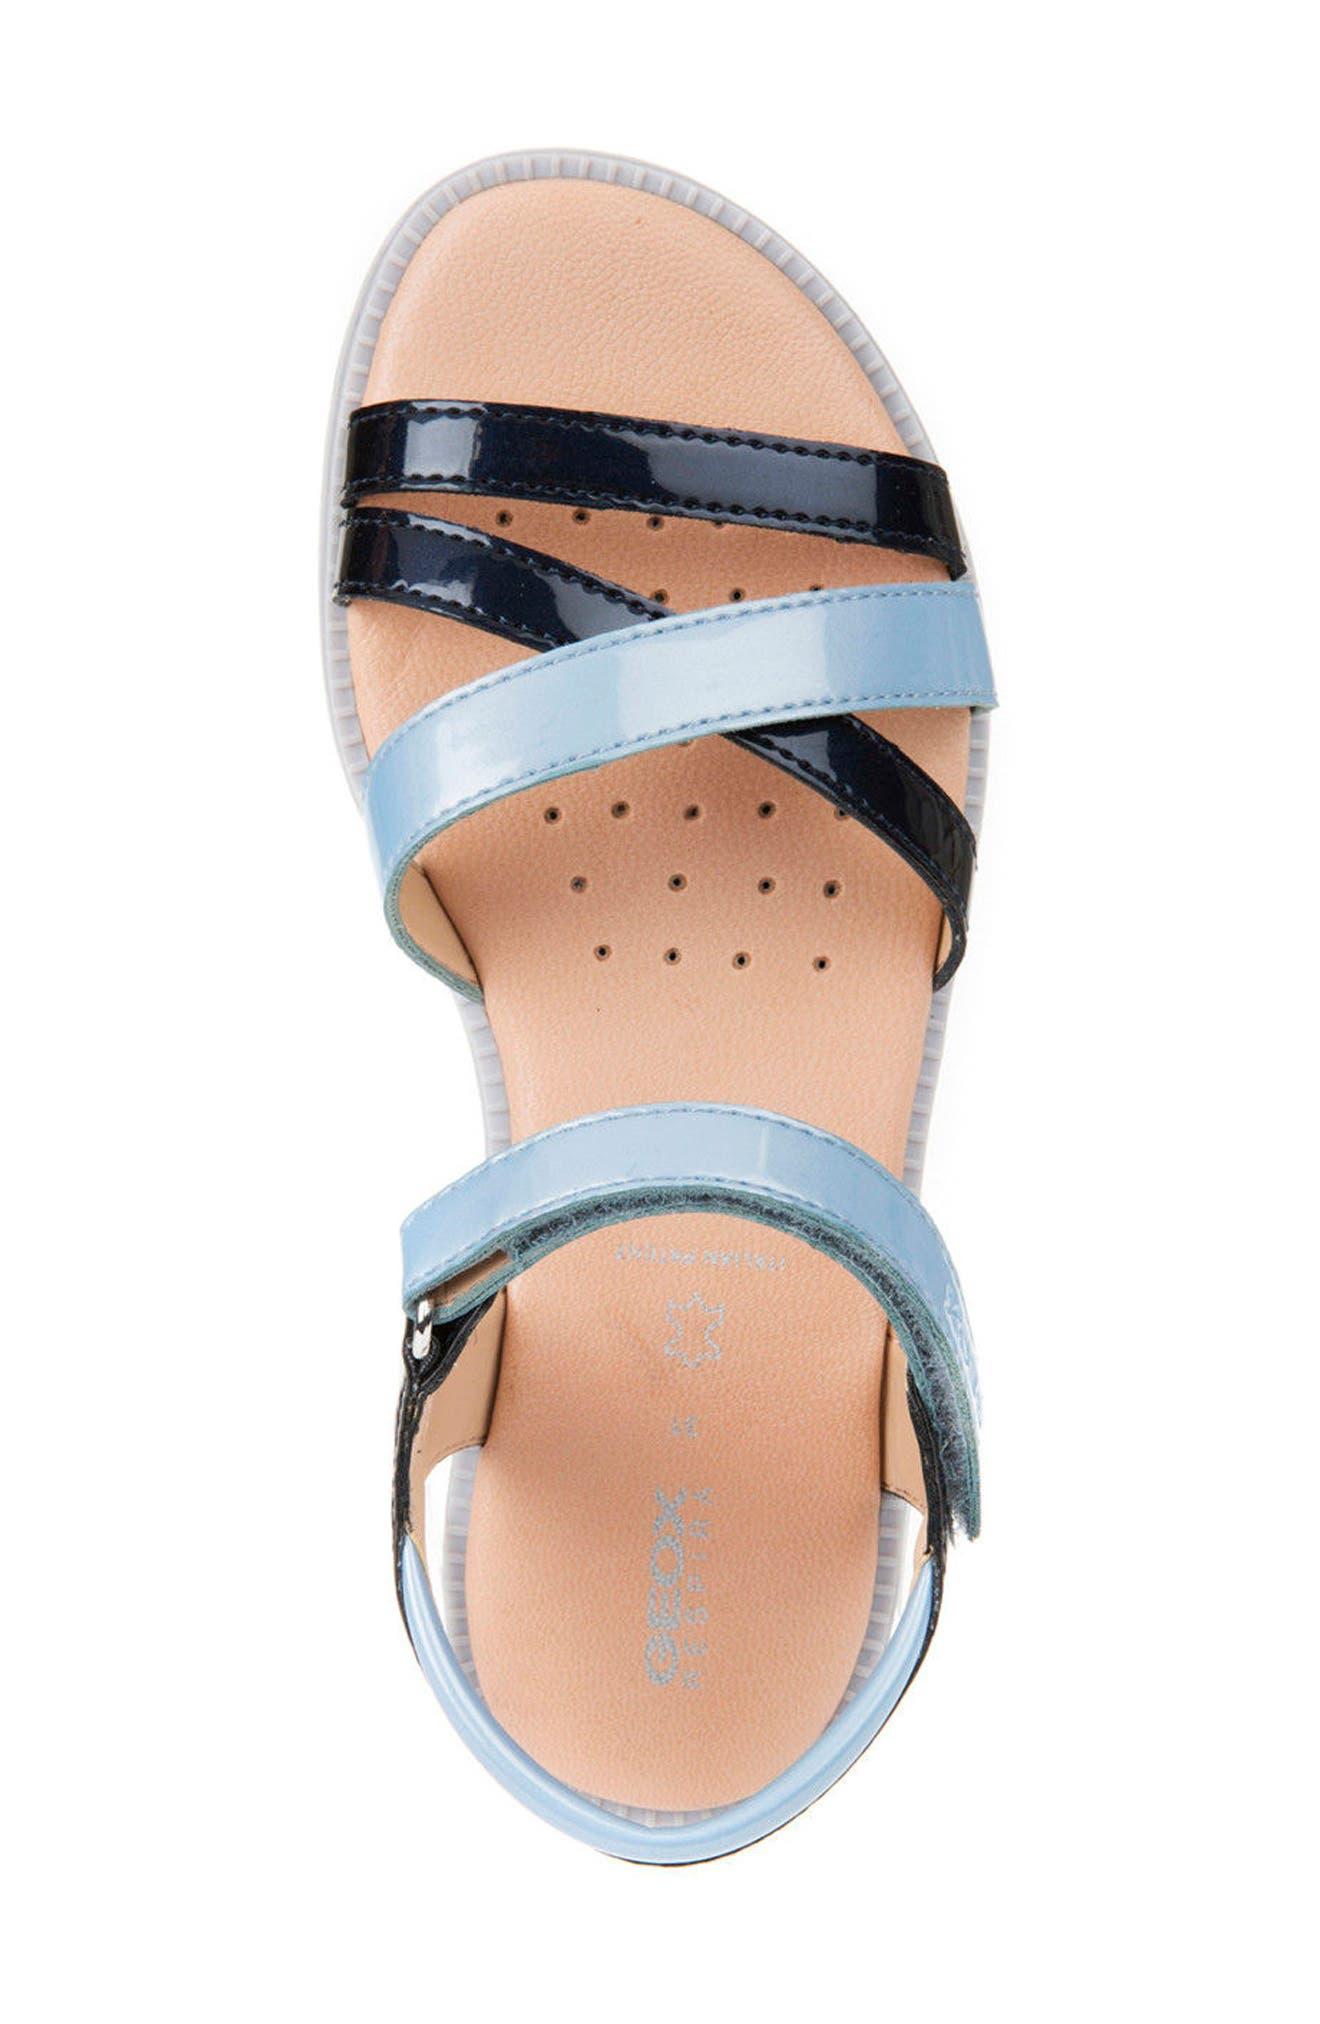 Karly Girl Sandal,                             Alternate thumbnail 5, color,                             420